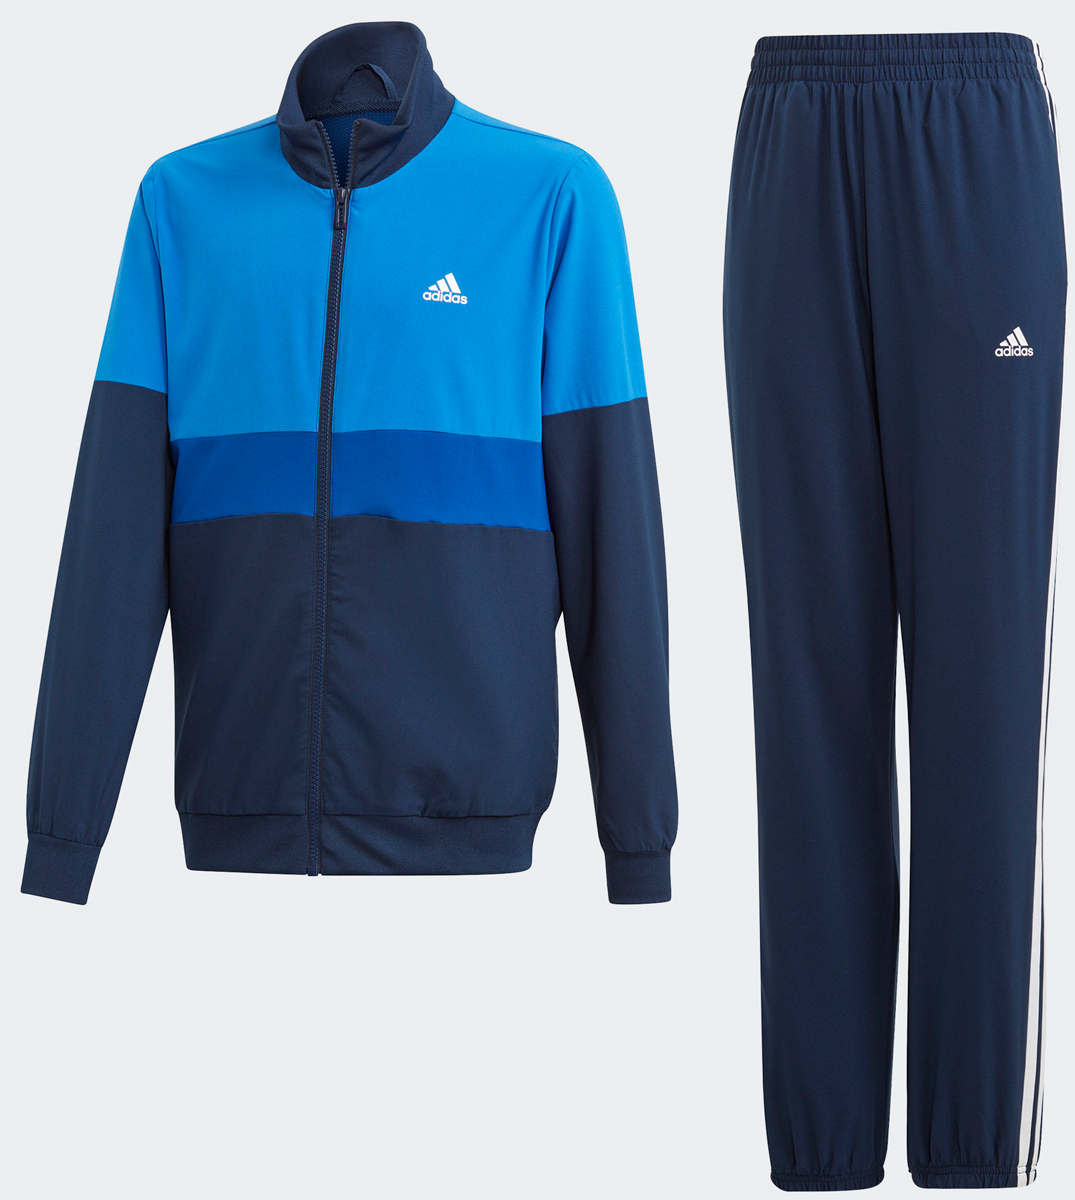 Спортивный костюм для мальчика Adidas Yb Ts Wv, цвет: темно-синий. DV1737. Размер 122DV1737